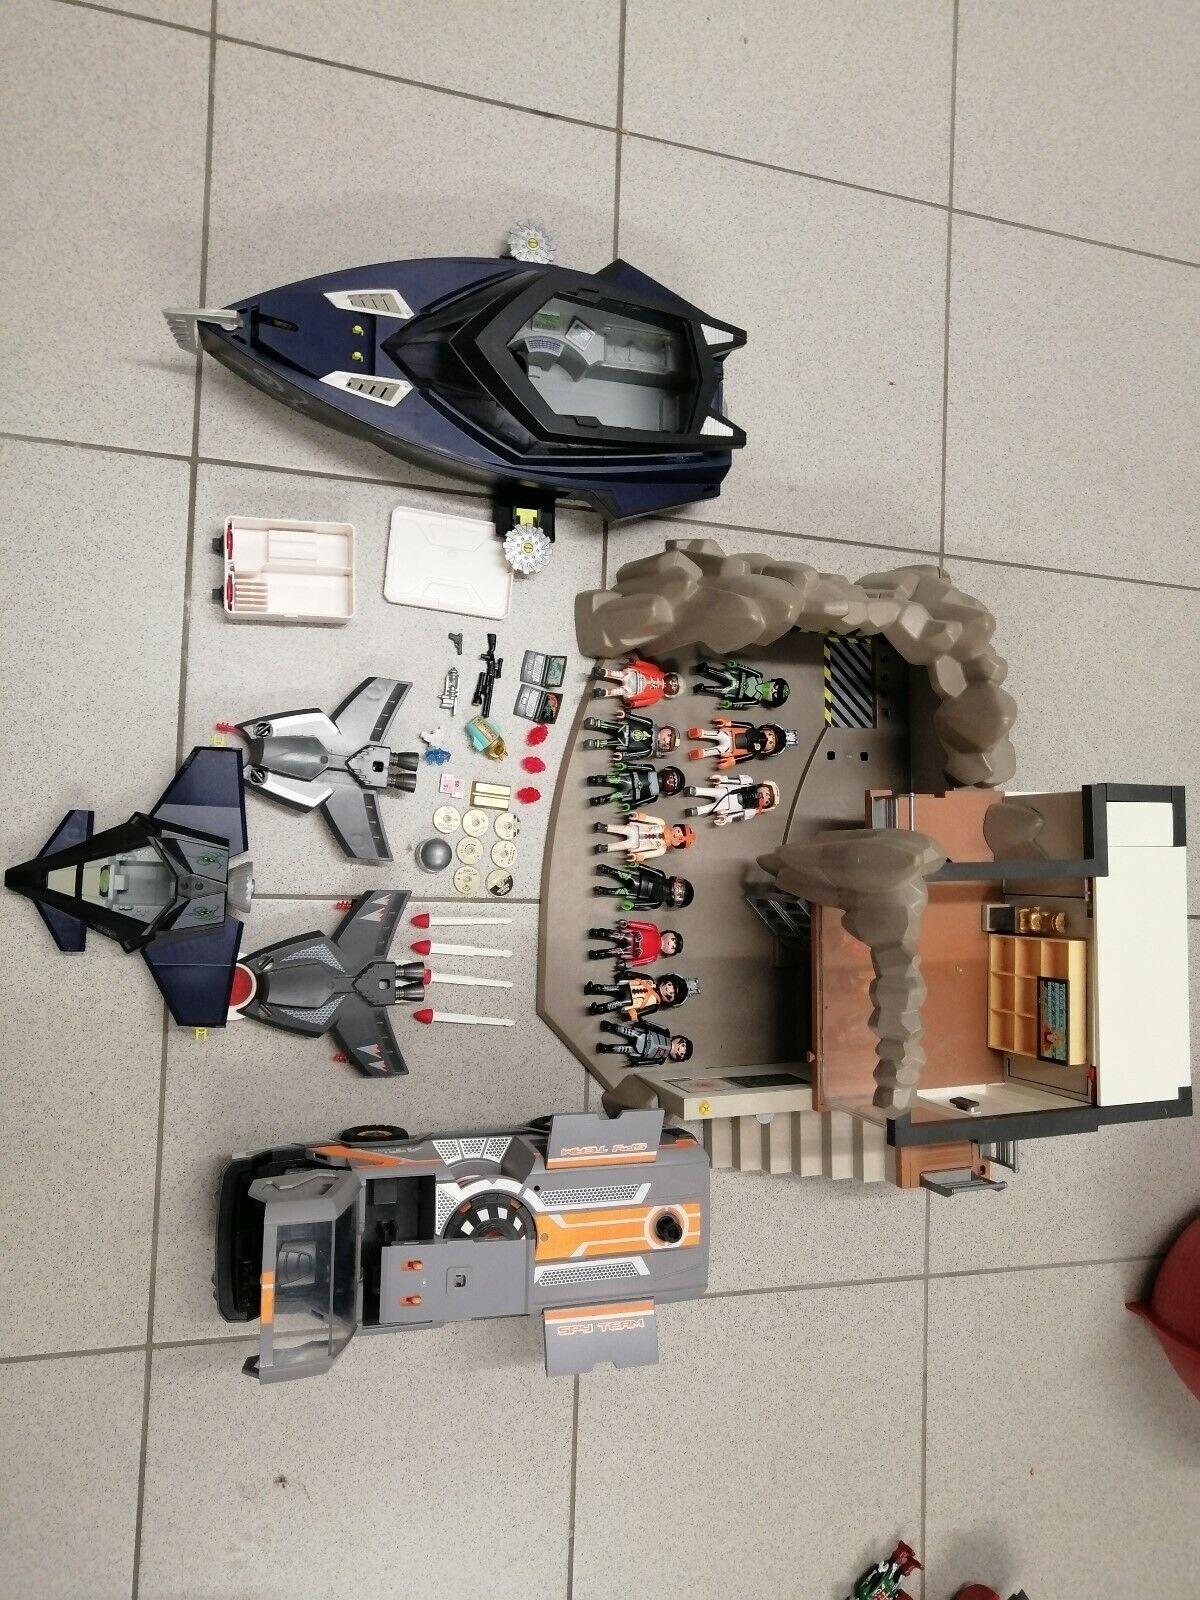 Playmobil Spy Agents Combi-Sets alles was sie auf den Fotos sehen, wird verkauft